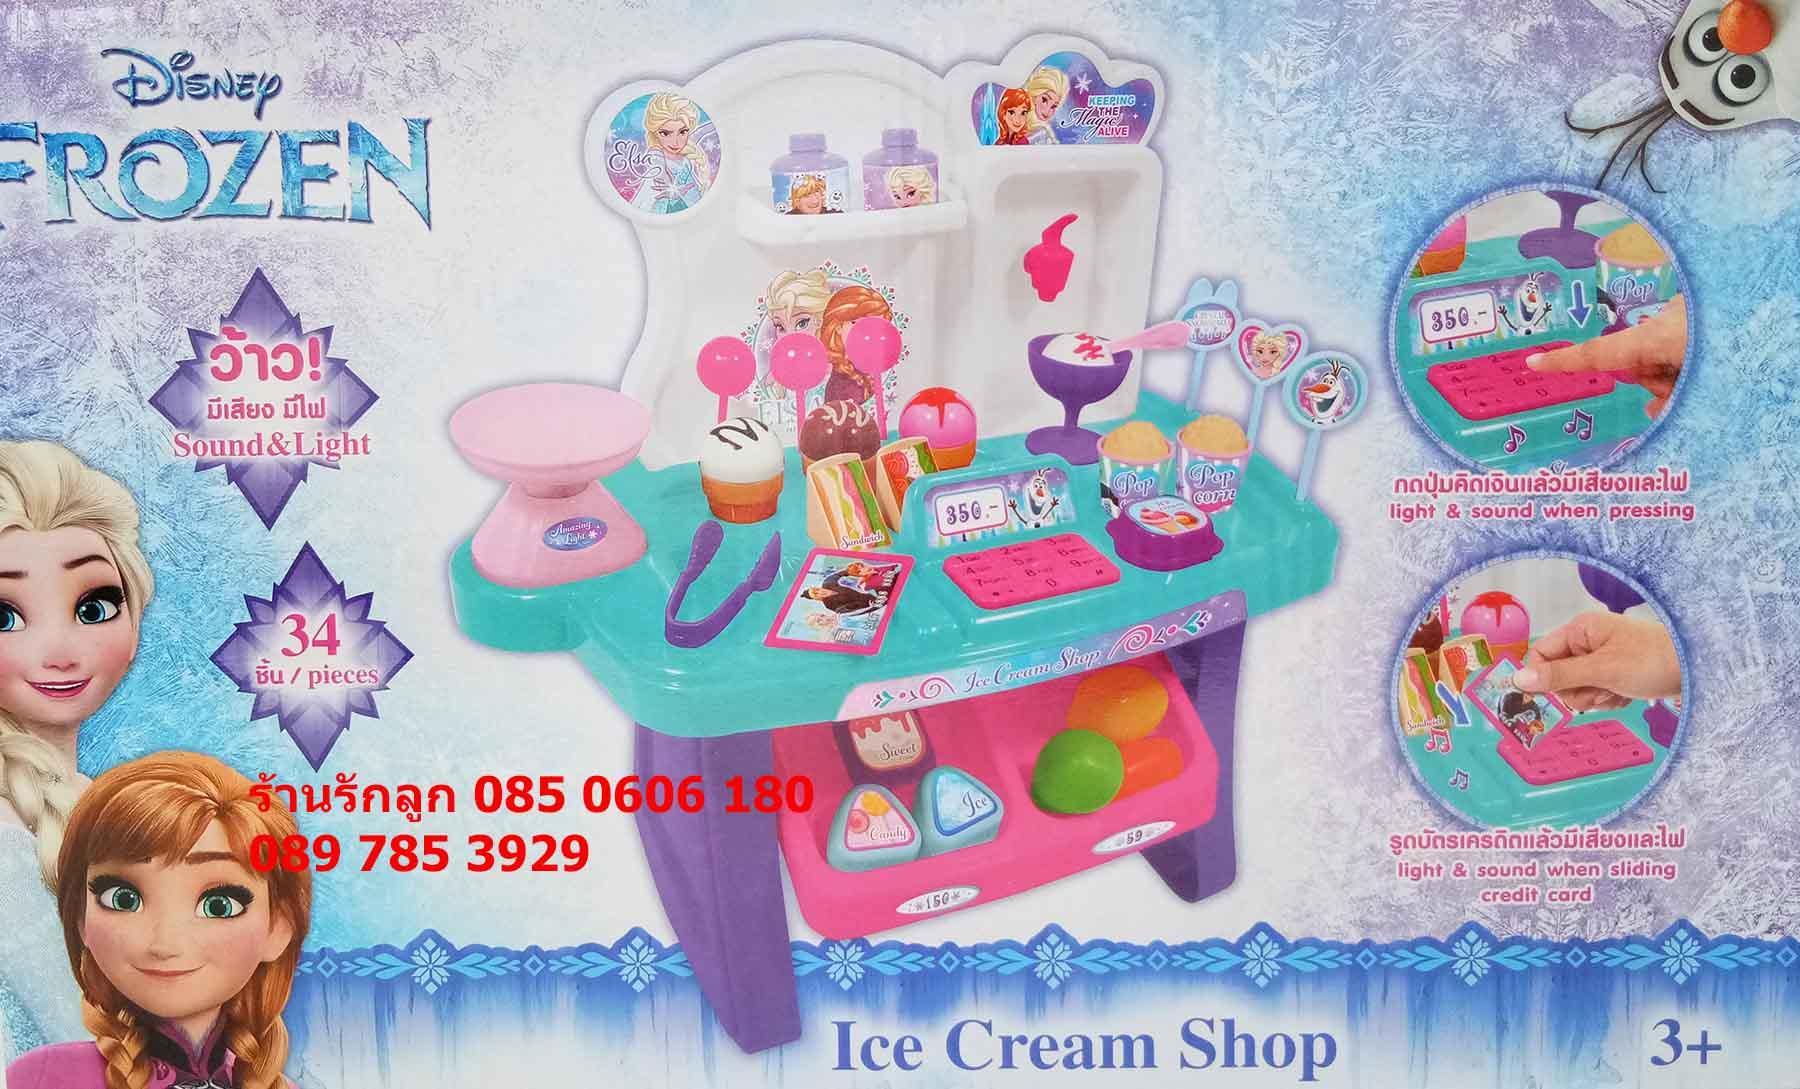 ร้านขายไอศรีมของเด็กเล่น ลาย Frozen